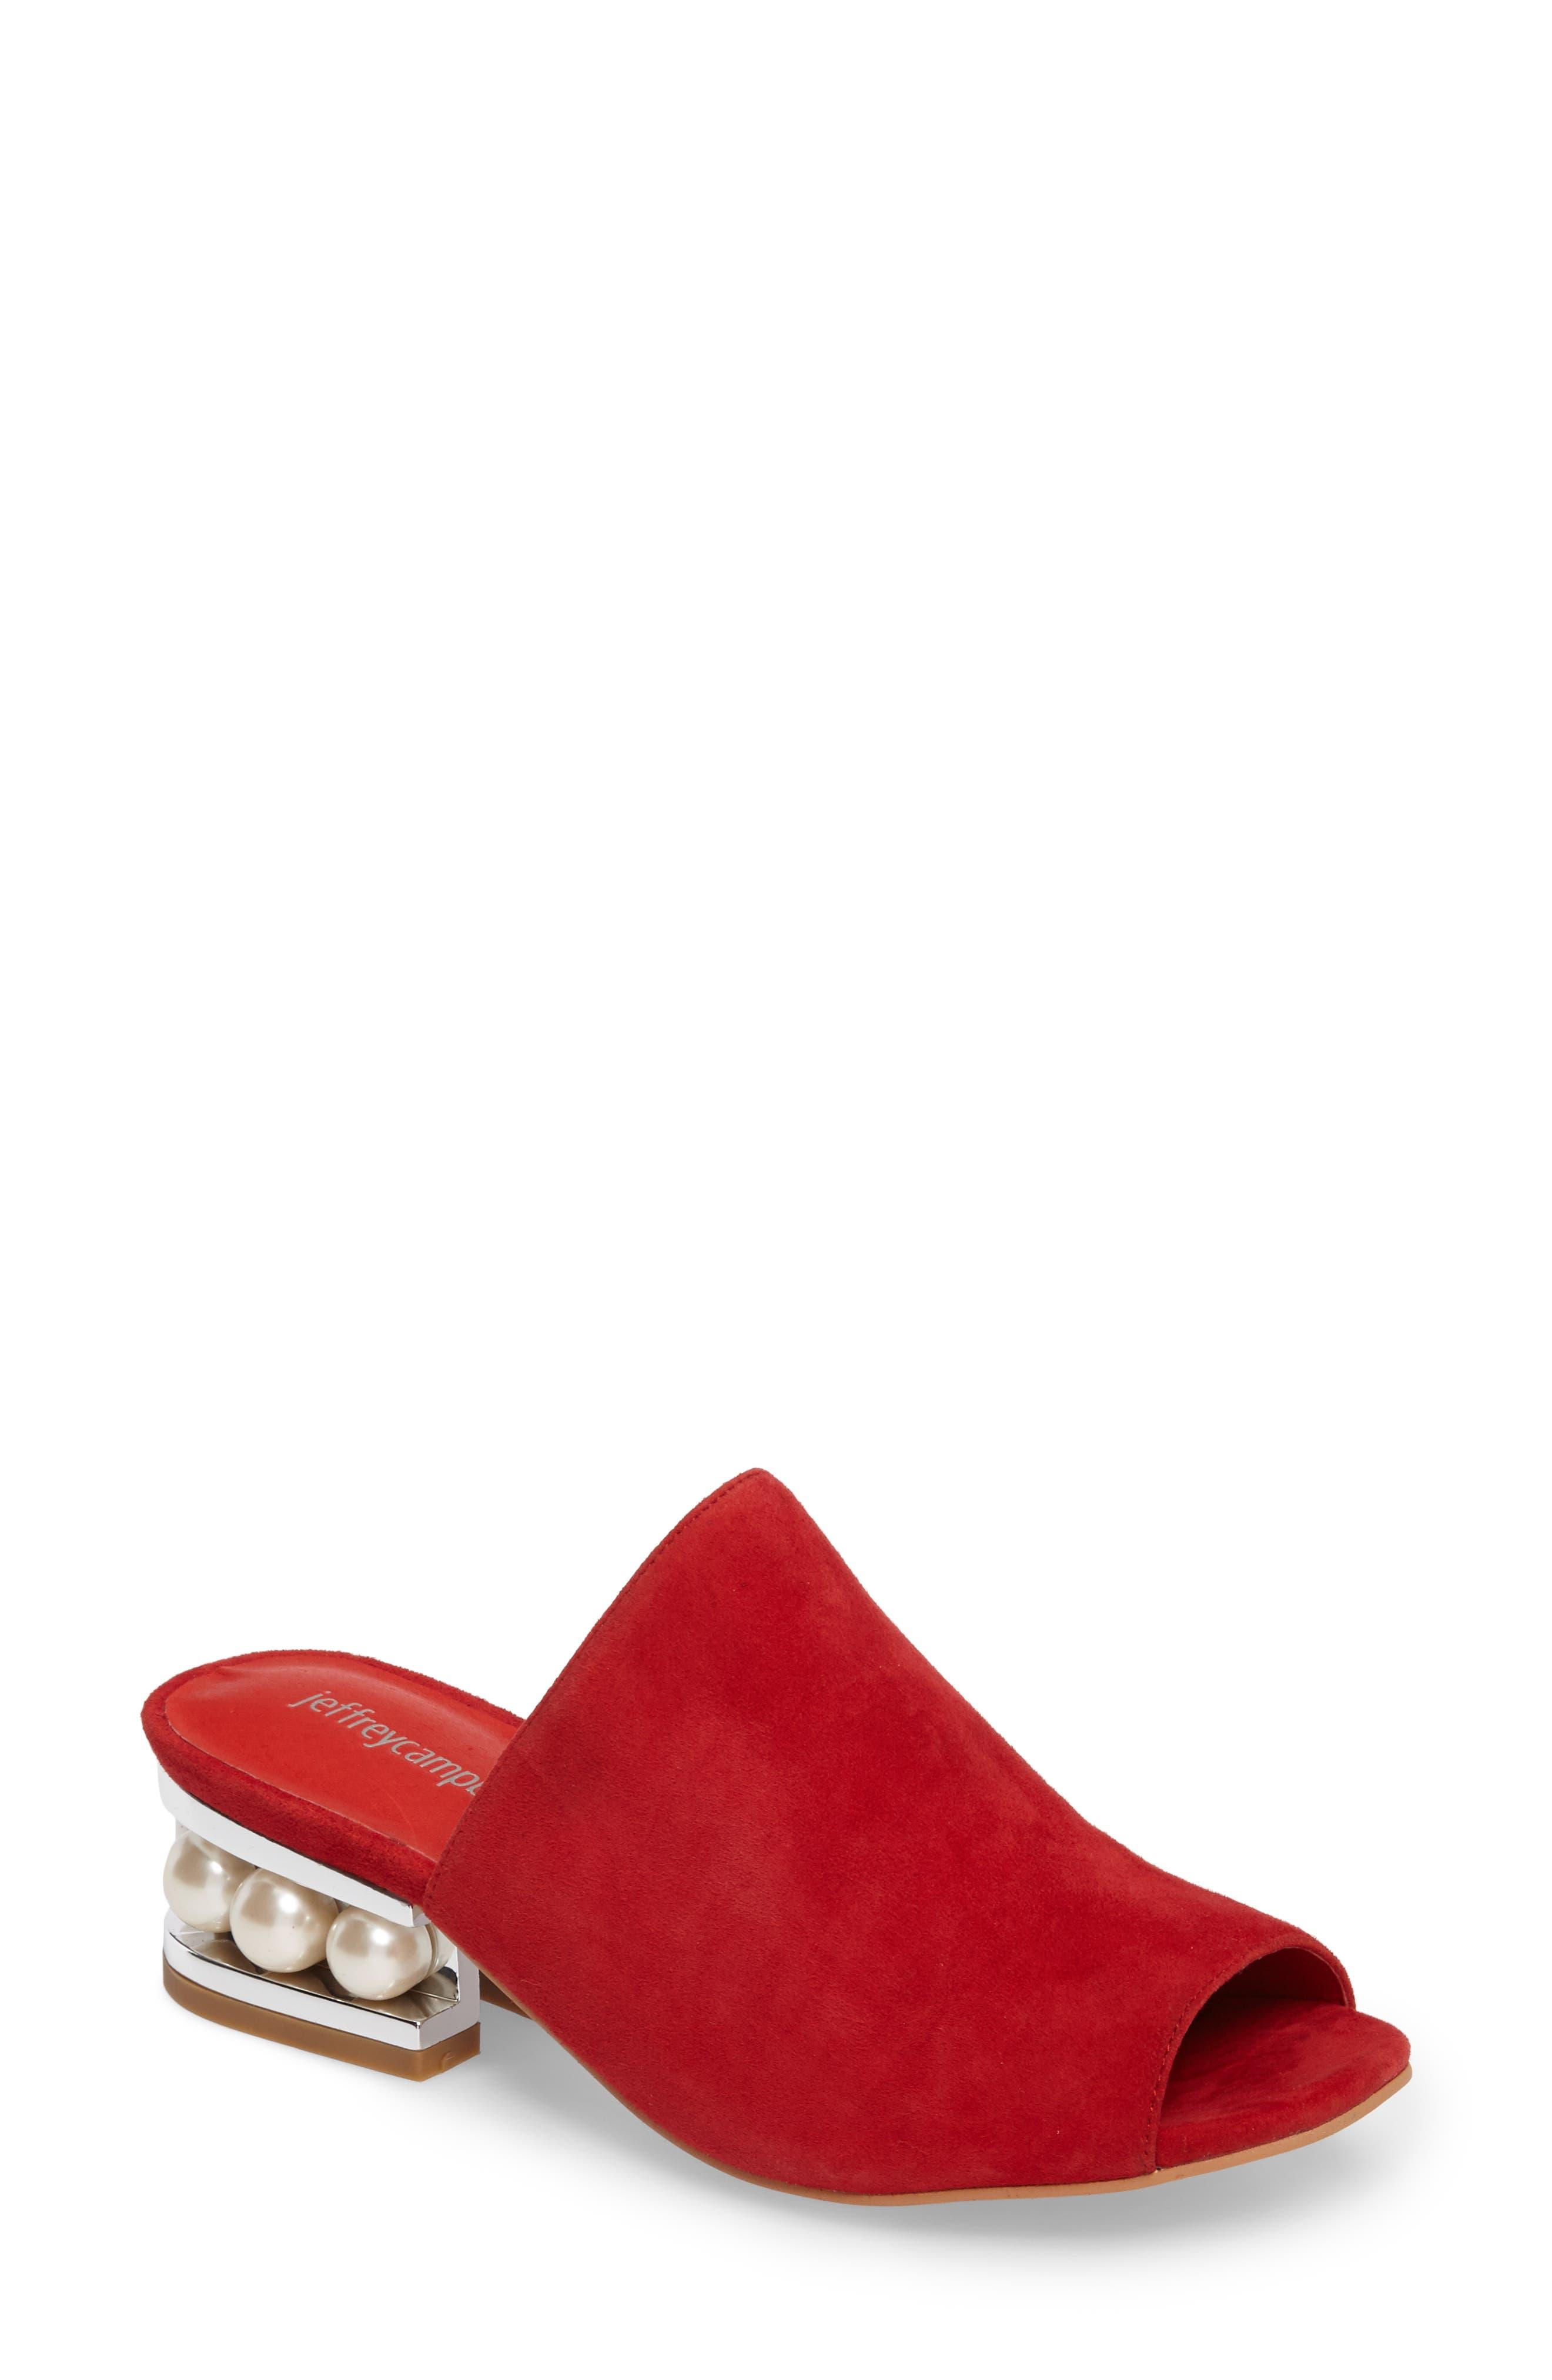 Arcita Slide Sandal,                         Main,                         color, 631